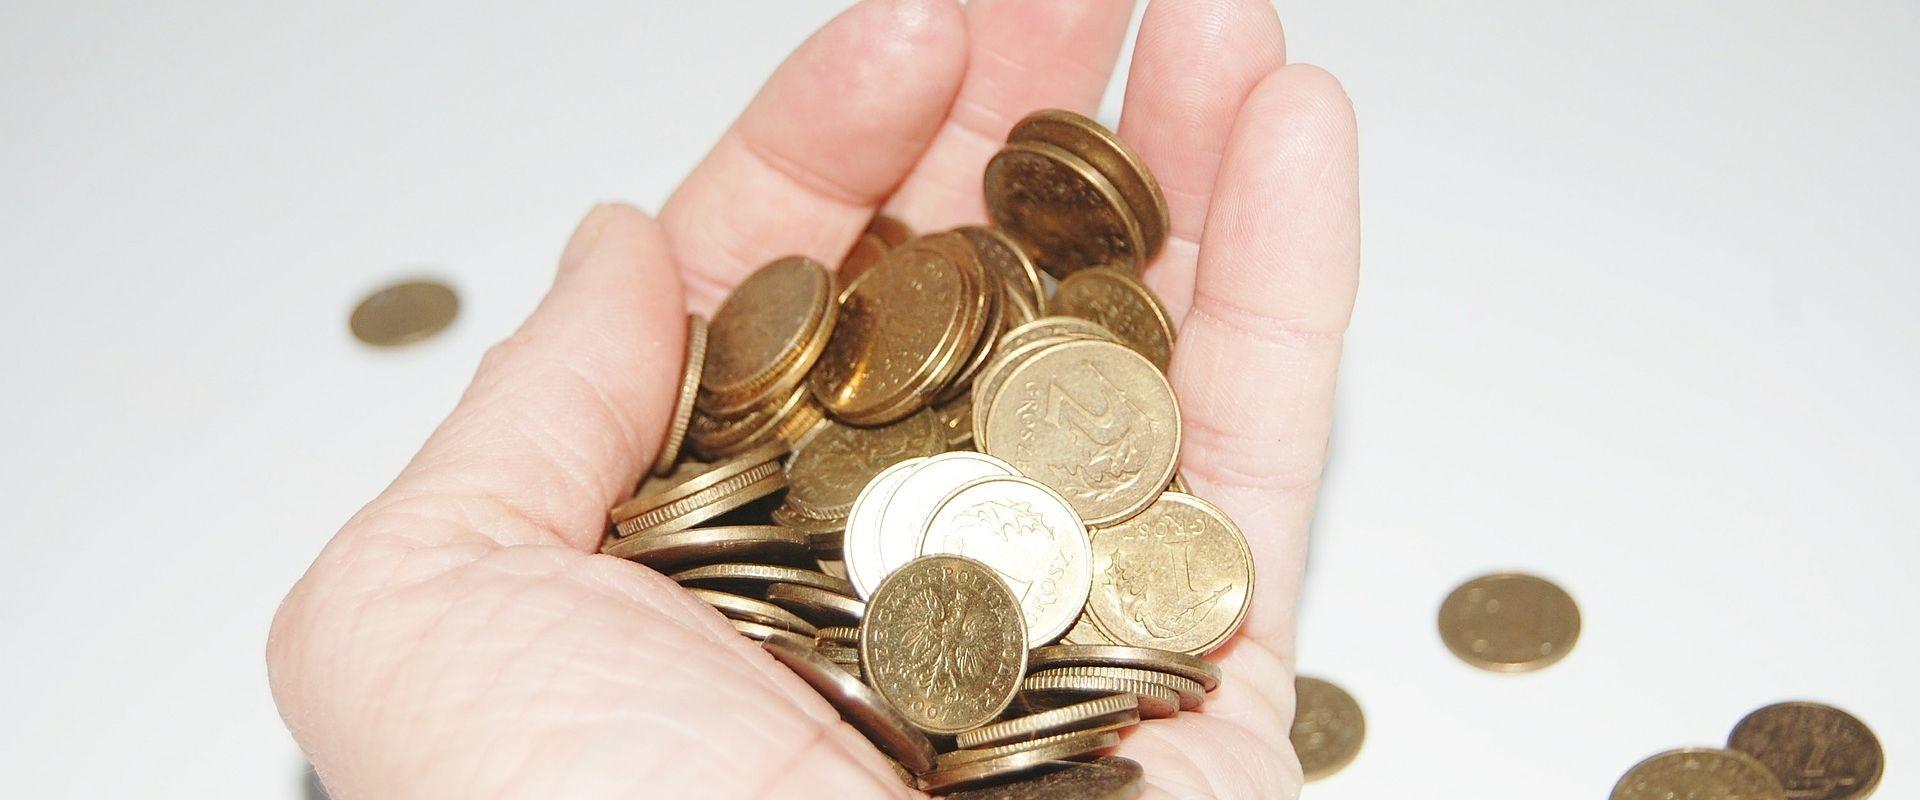 240 tys. zł wydane lekką ręką